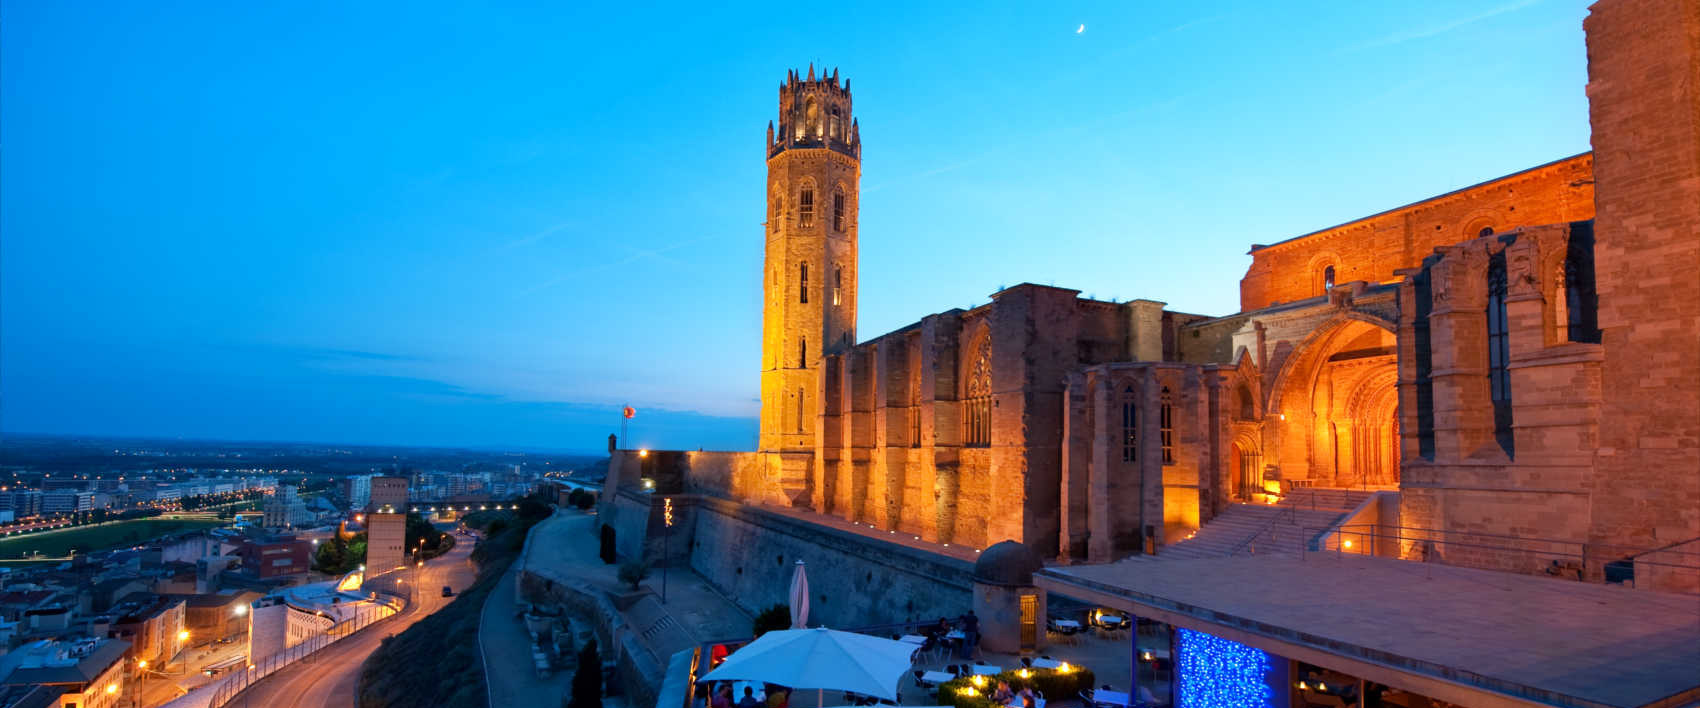 Yoigo Lleida: tiendas y cobertura